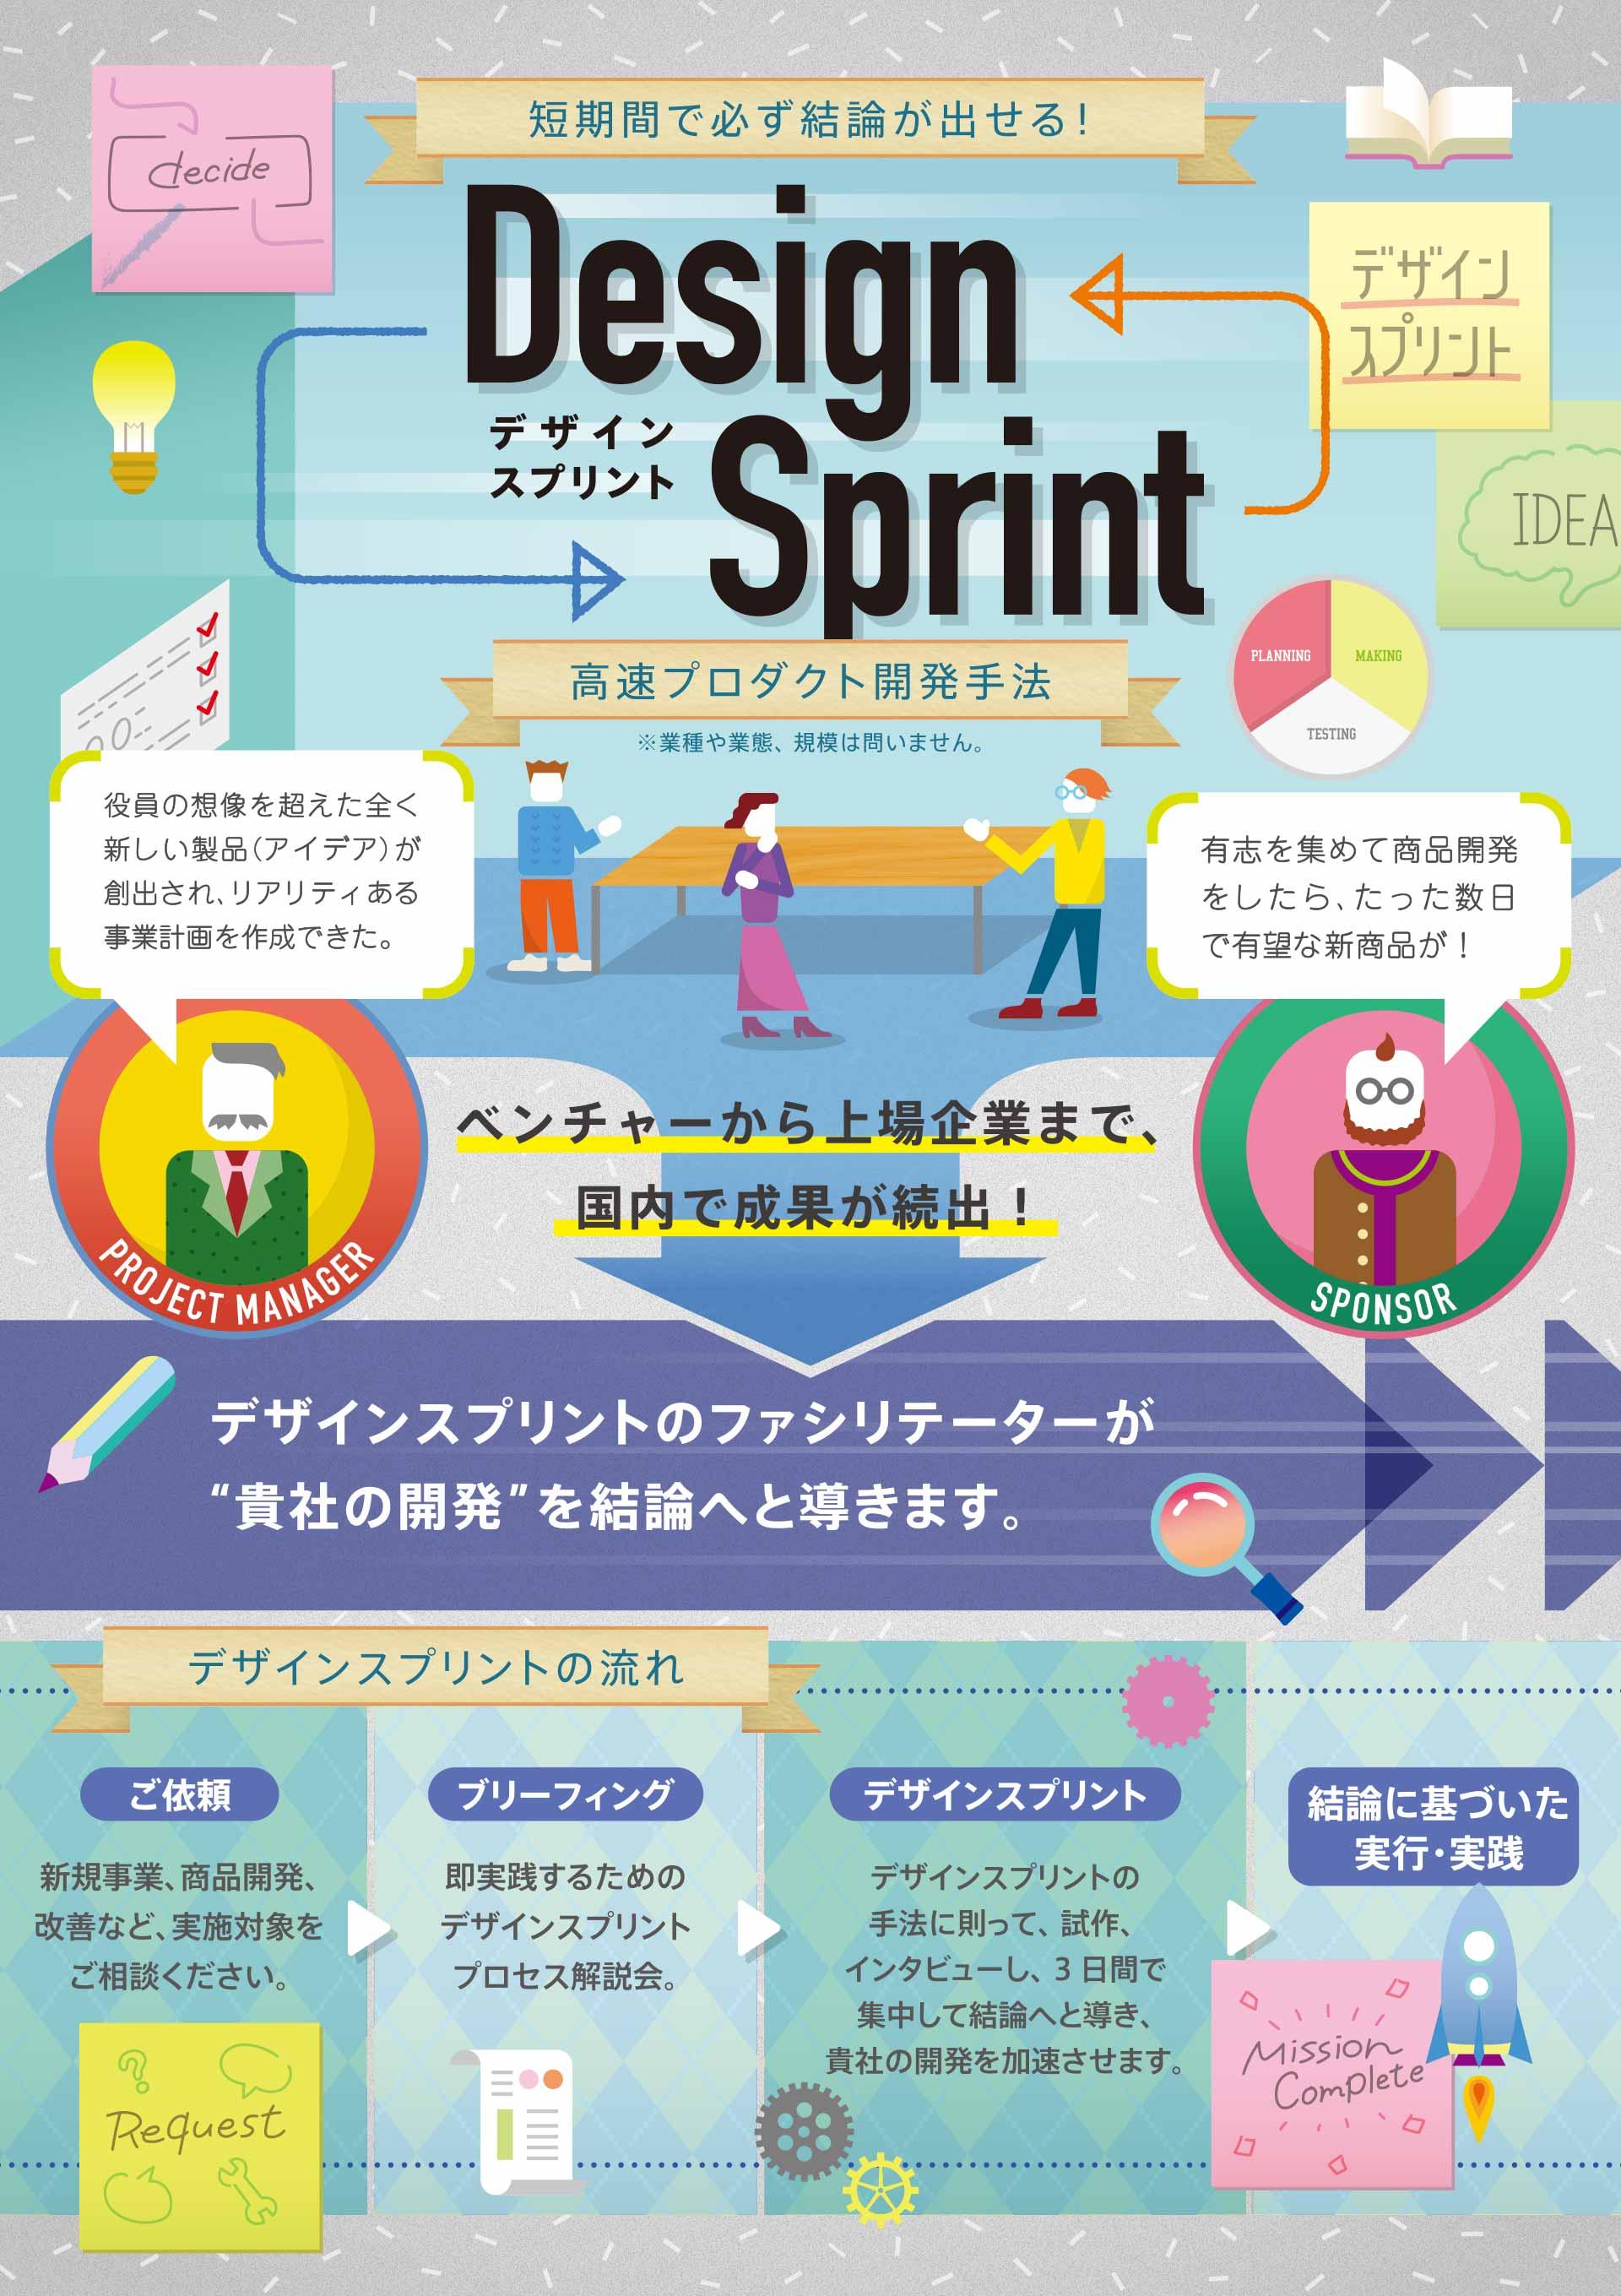 デザインスプリント3.0のデザインスプリント - 高速プロダクト開発手法